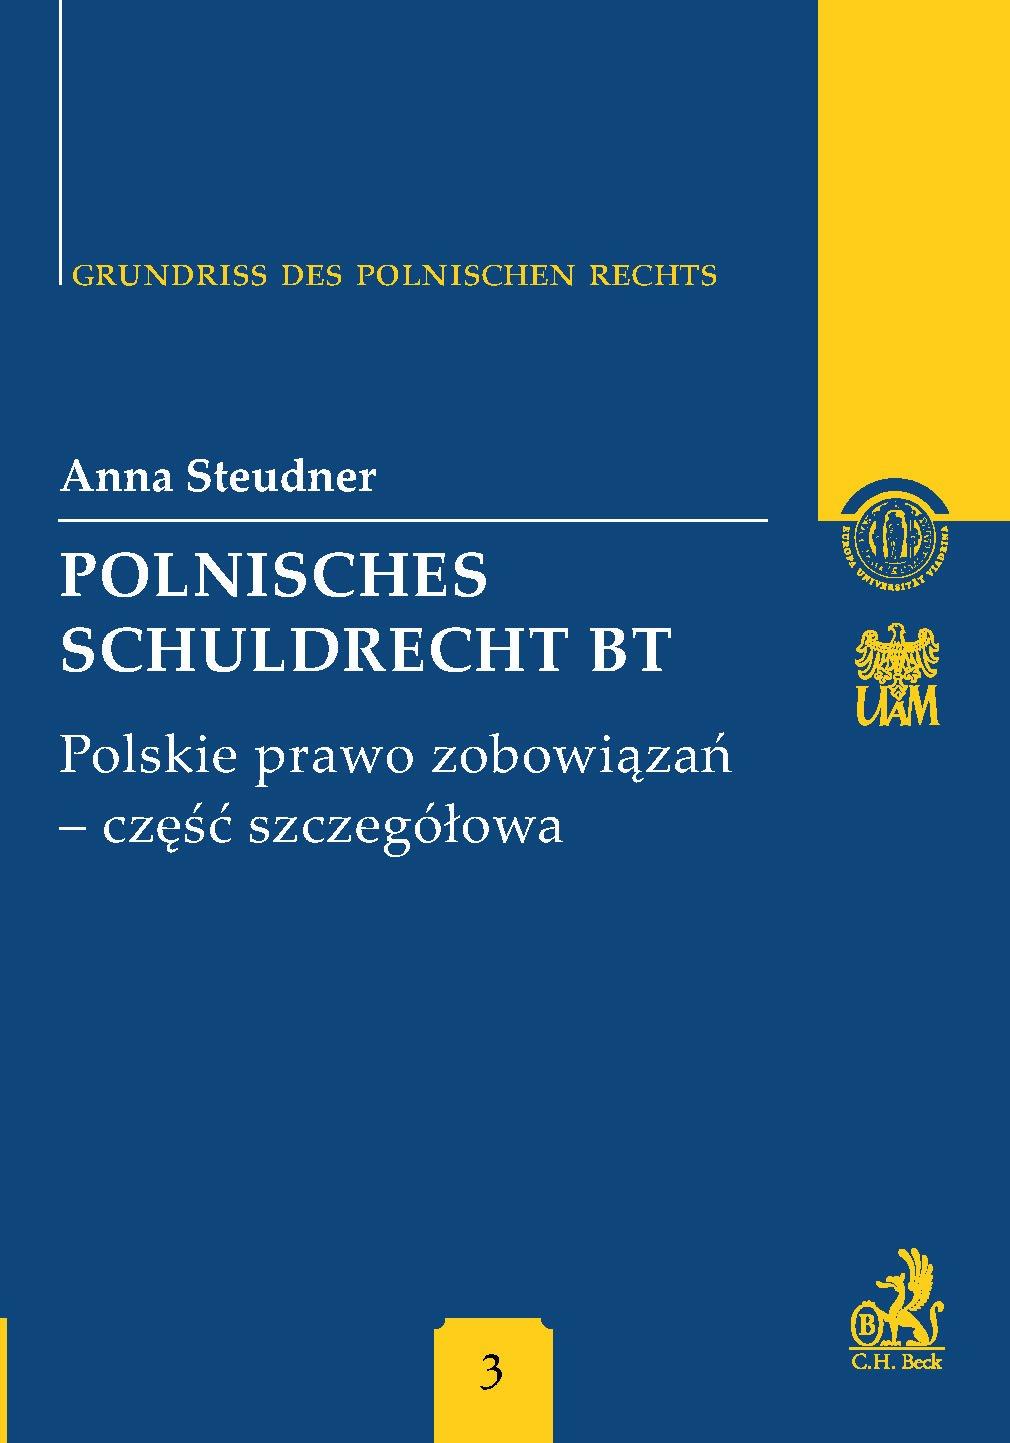 Polnisches Schuldrecht BT. Polskie prawo zobowiązań - część szczegółowa - Ebook (Książka PDF) do pobrania w formacie PDF